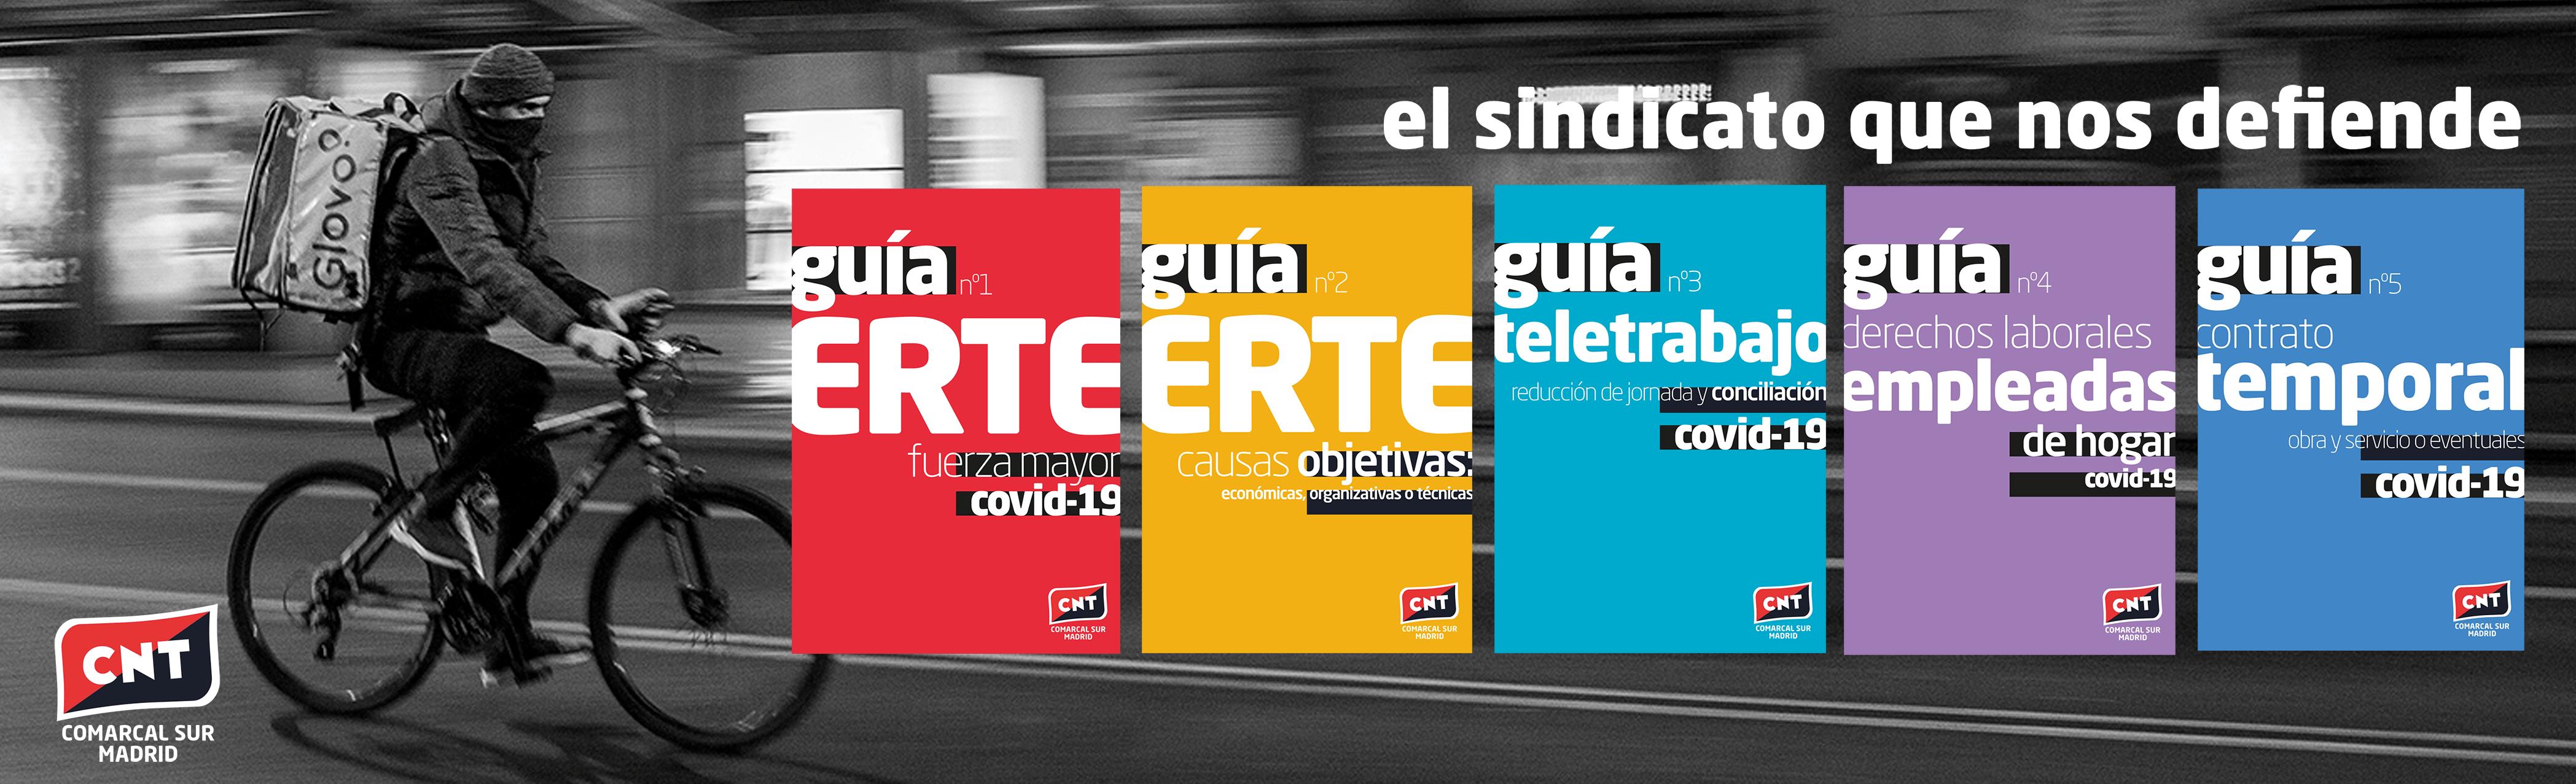 https://fcs-villaverde.cnt.es/wp-content/uploads/2020/04/bannerGuias_web.png